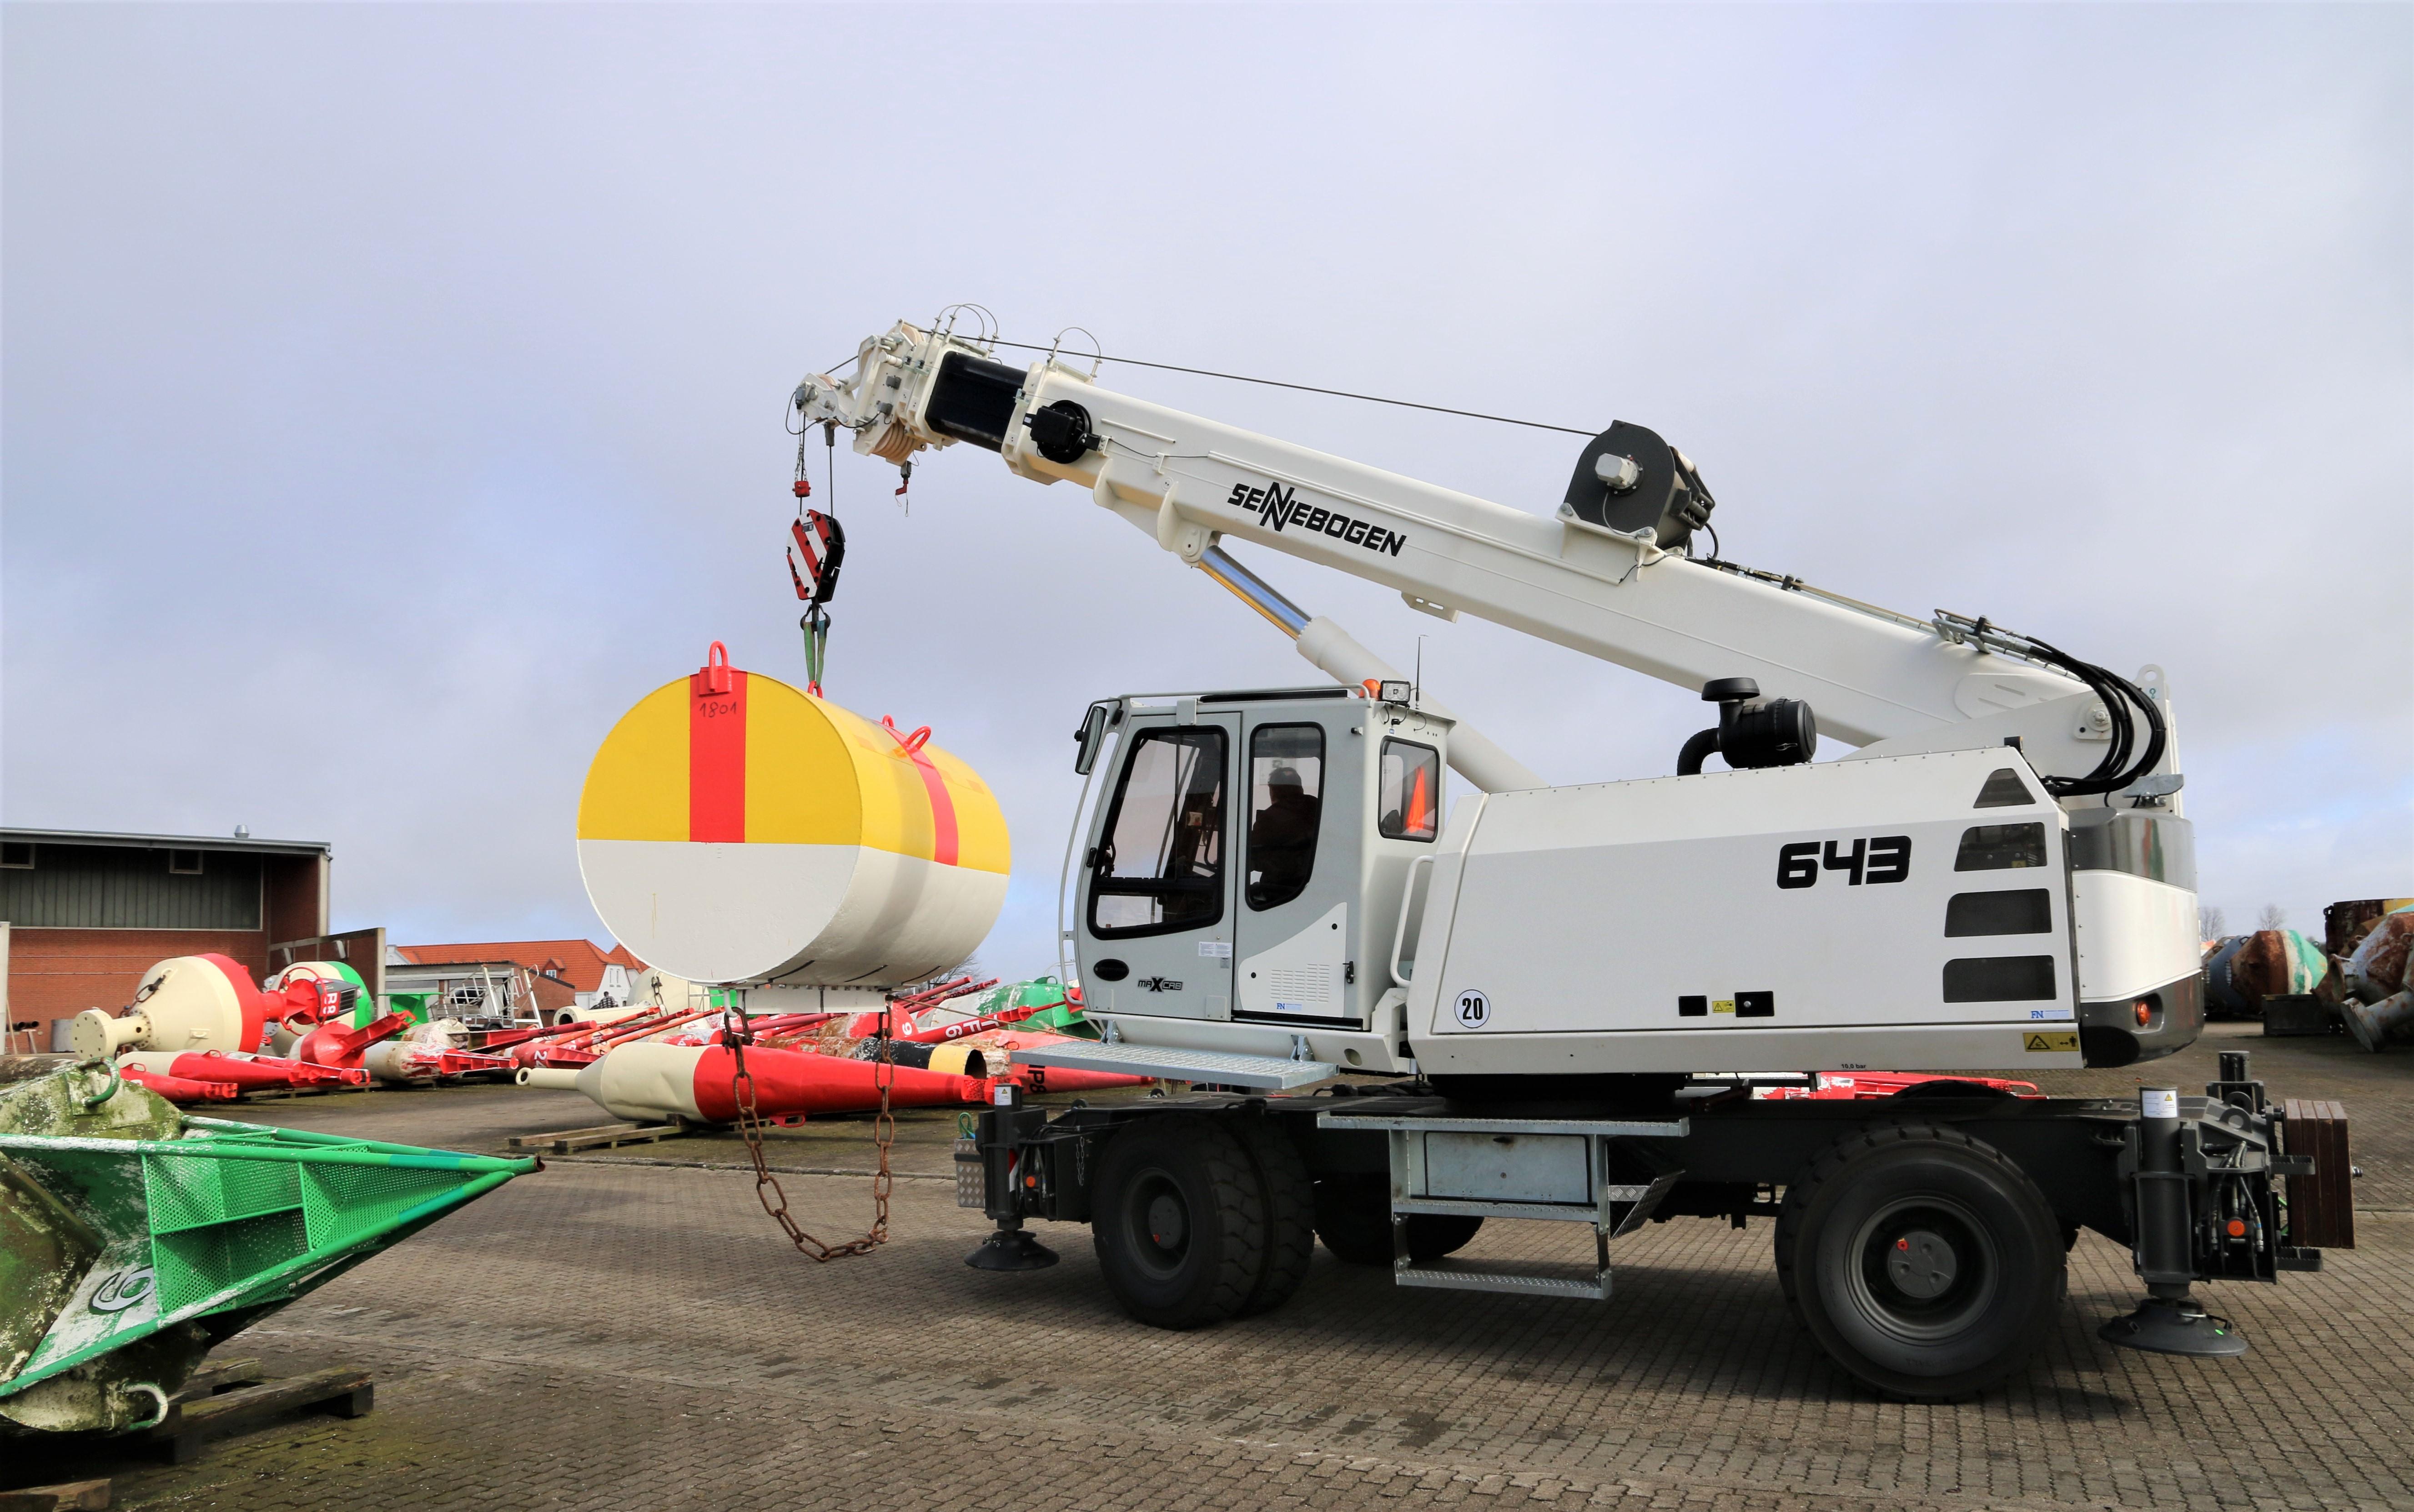 Mit 40 Tonnen Traglast verfügt der 643 Telekran stets über ausreichend Reserven im Handling der bis zu 6 Tonnen schweren Schifffahrtszeichen – gleichzeitig ist die Kompaktheit der Maschine wichtig beim Einfahren in die engen und voll belegten Lagerplätze.